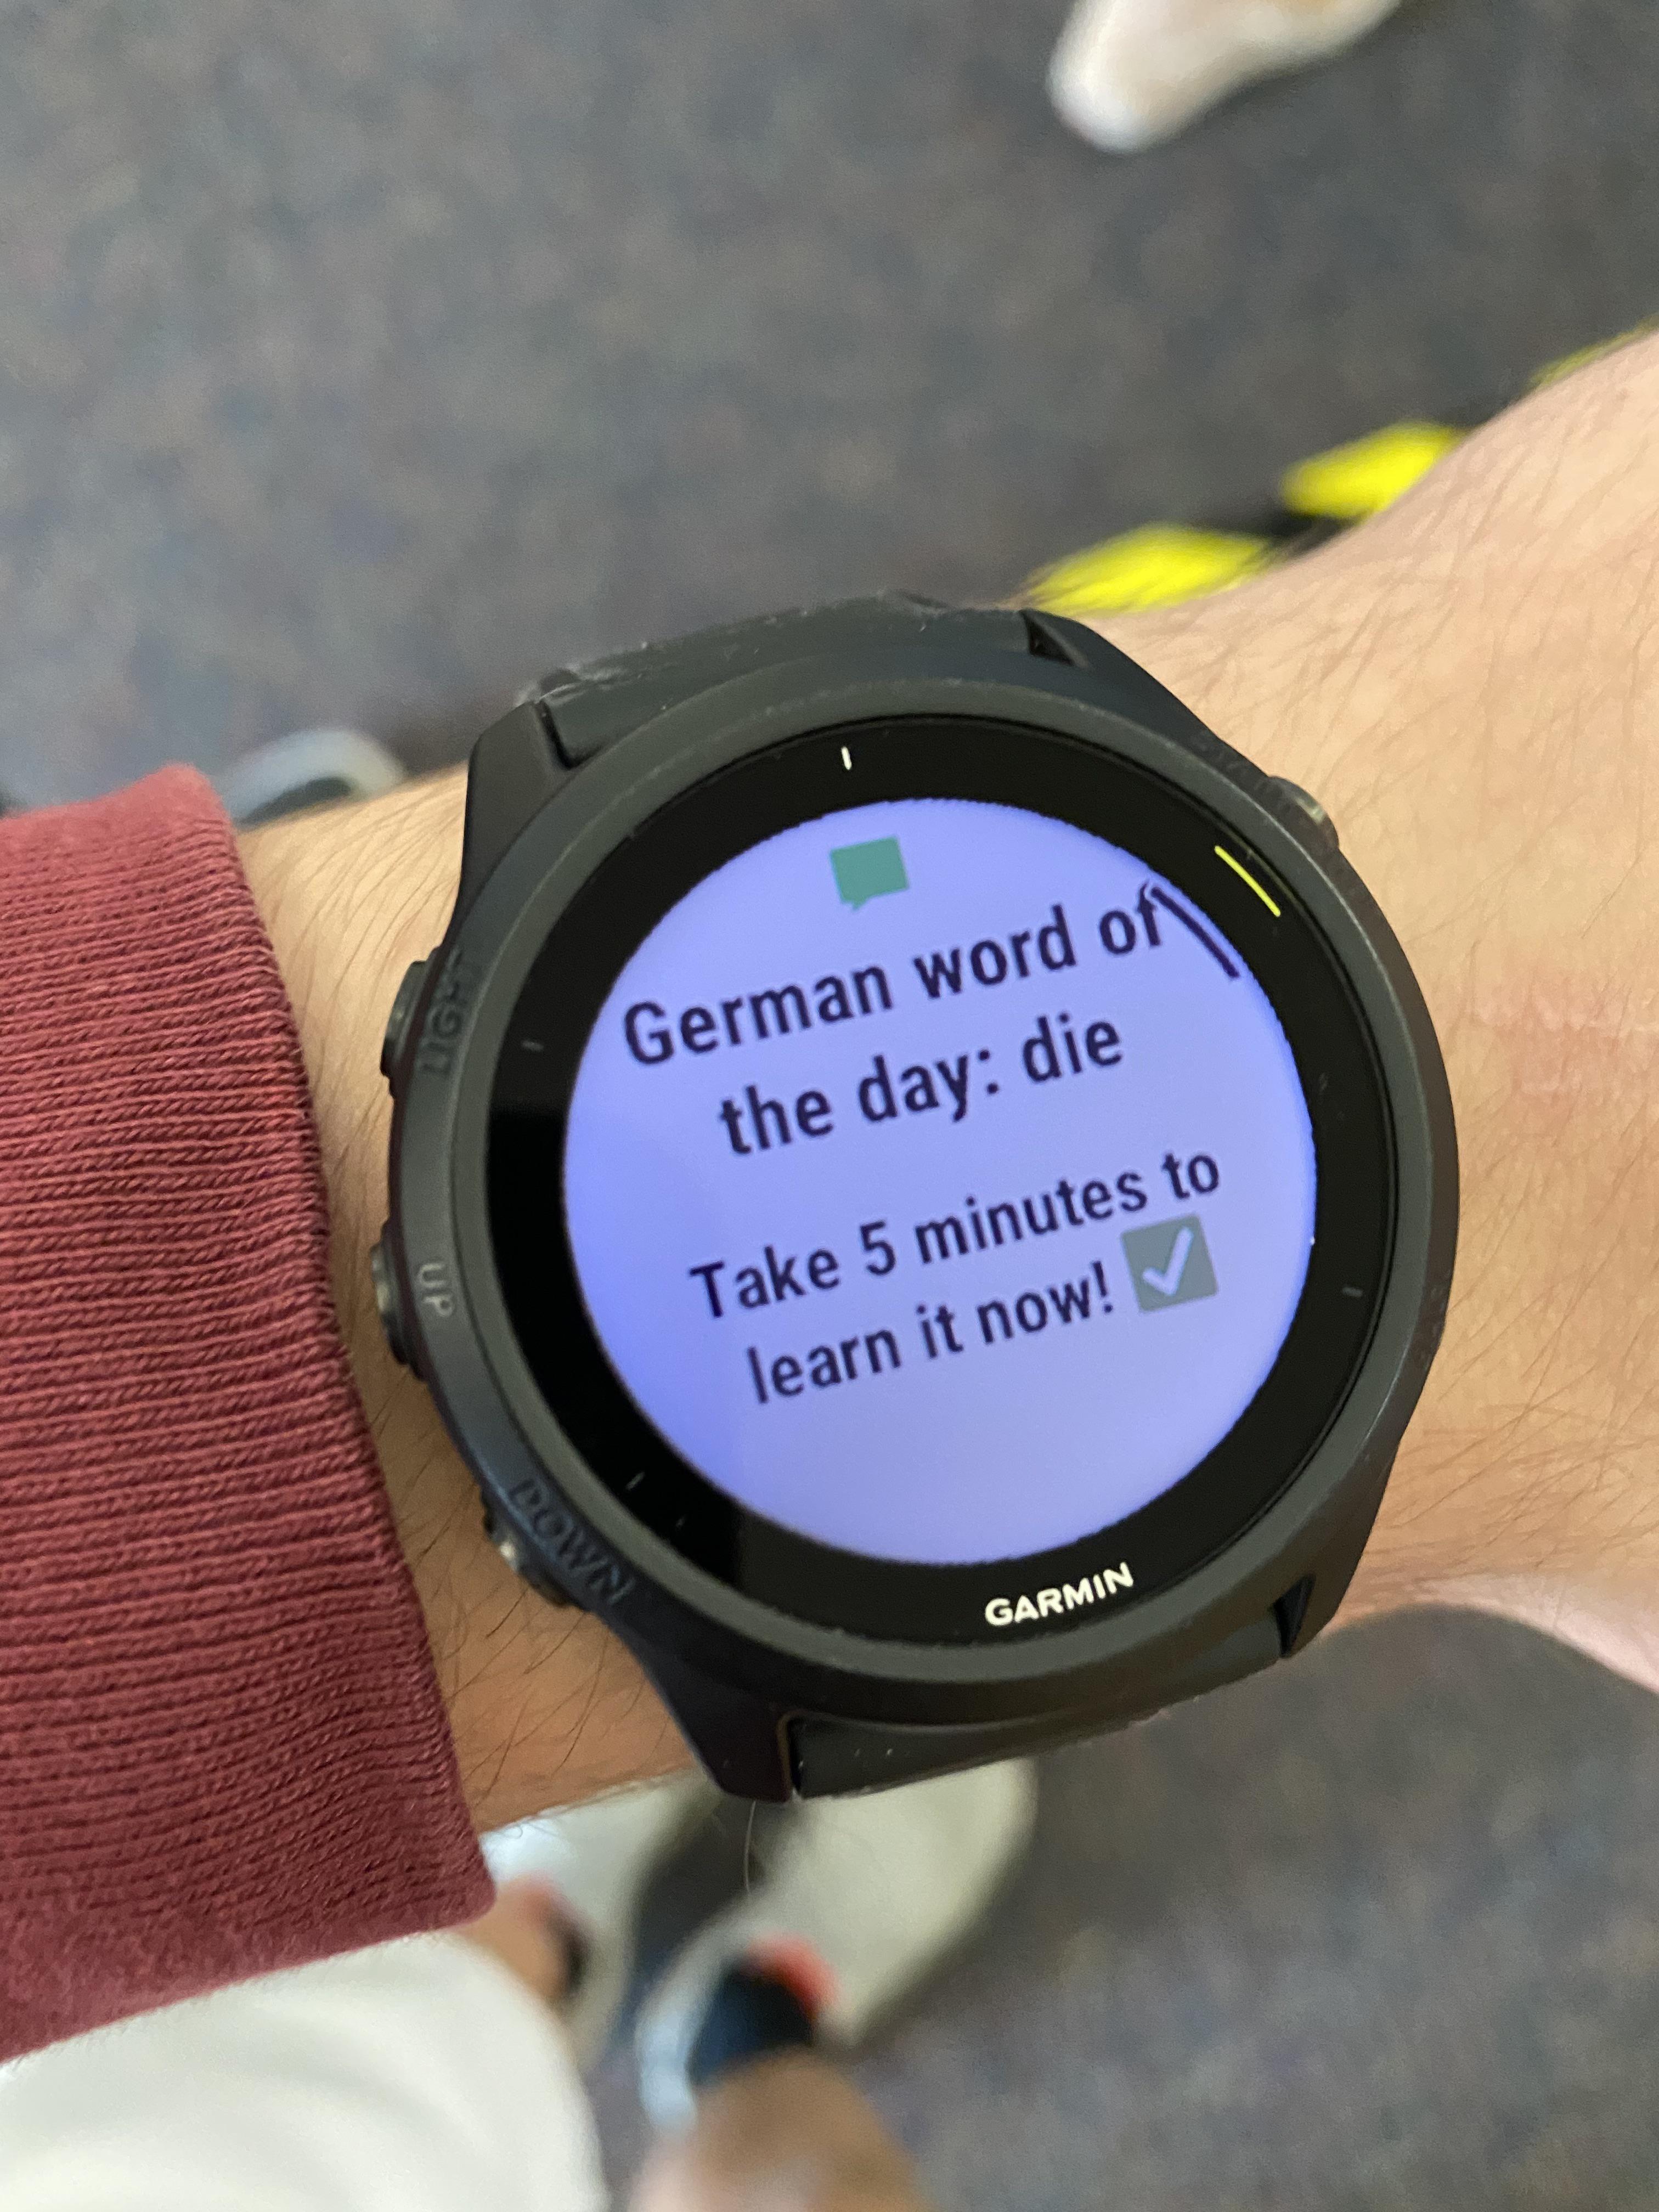 Bro even Duolingo wants me to die